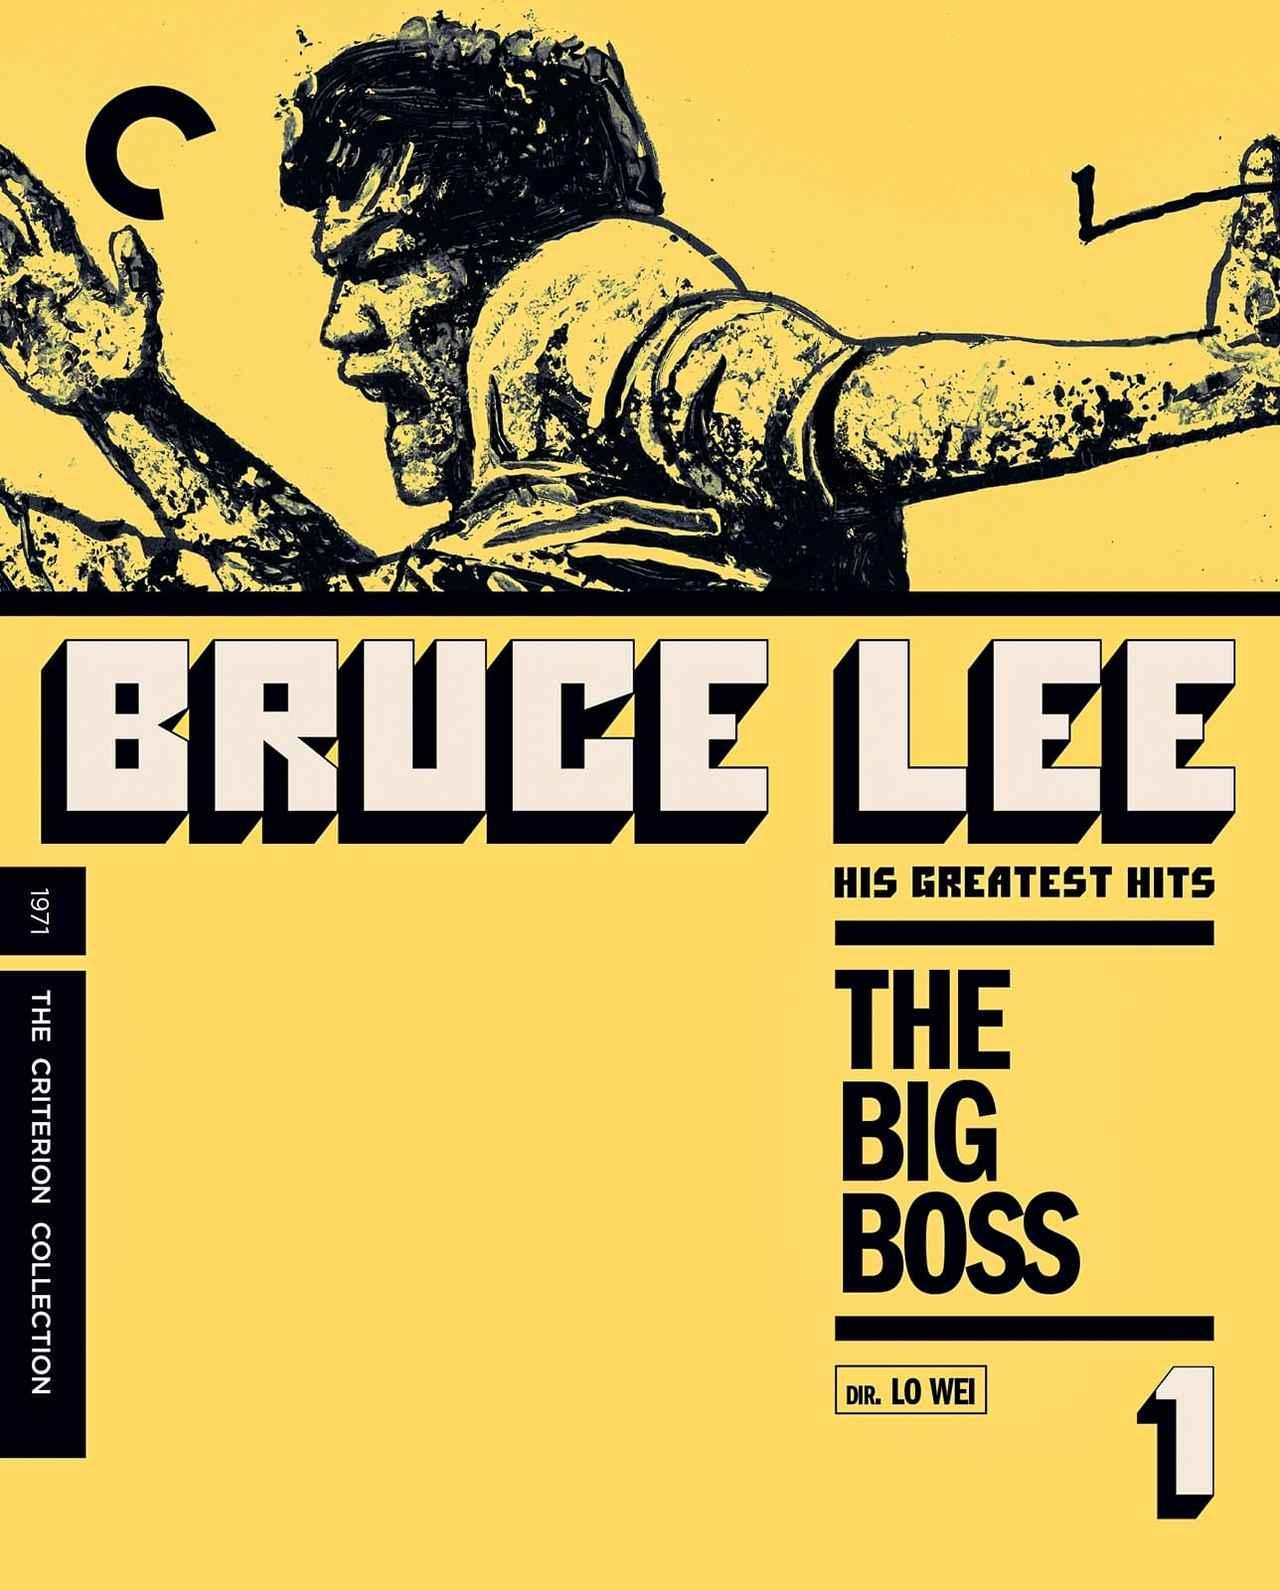 画像: THE BIG-BOSS/ドラゴン危機一発 (1971) 製作レイモンド・チョー 監督・脚本ロー・ウェイ 撮影チェン・チン・チェー 音楽ジョセフ・クー 共演マリア・イー、ジェームズ・ティエン